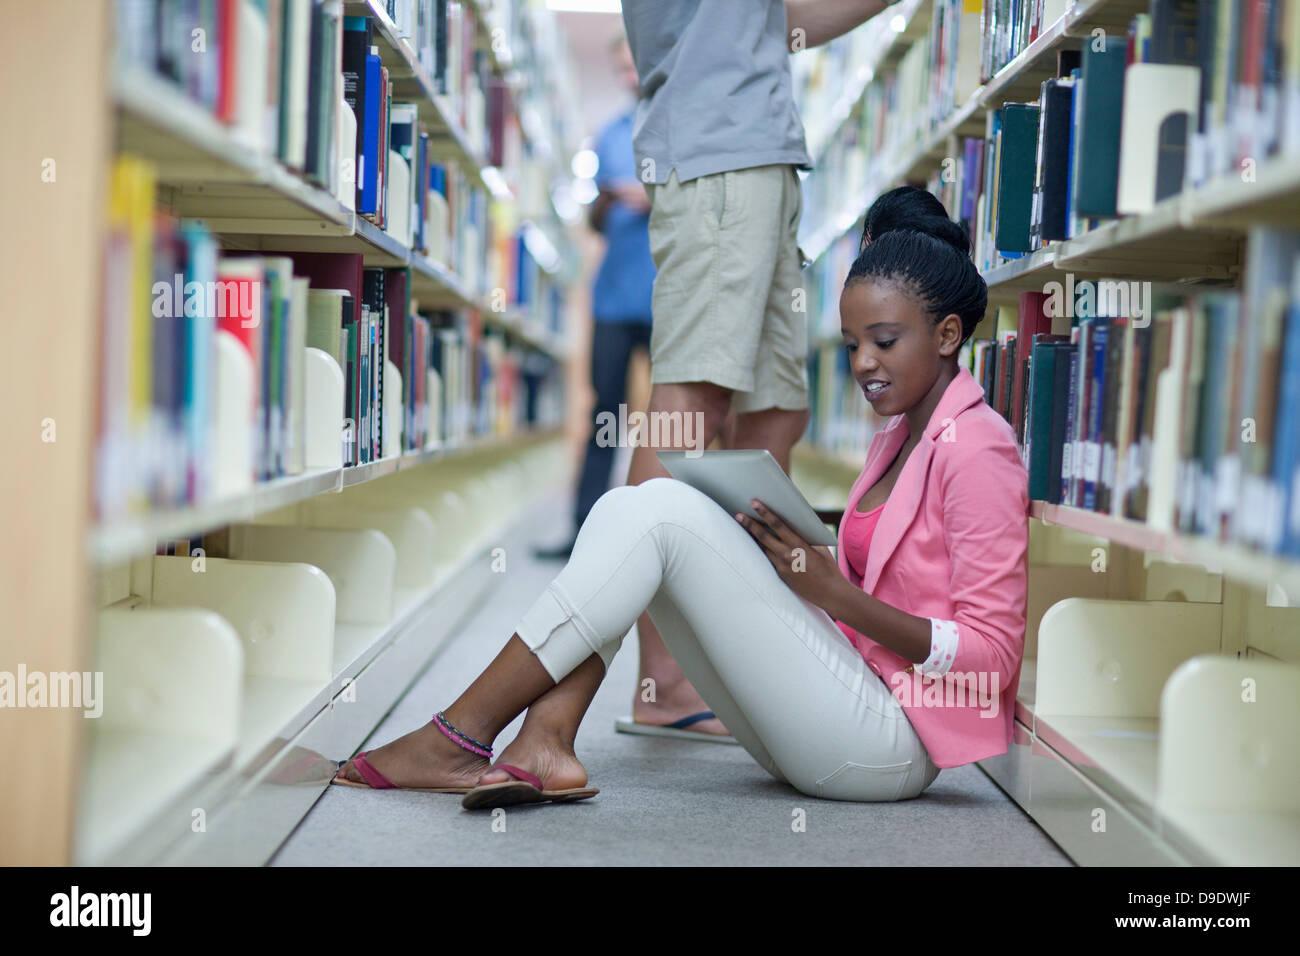 Estudiante sentado en el piso en la biblioteca utilizando una tableta digital Imagen De Stock